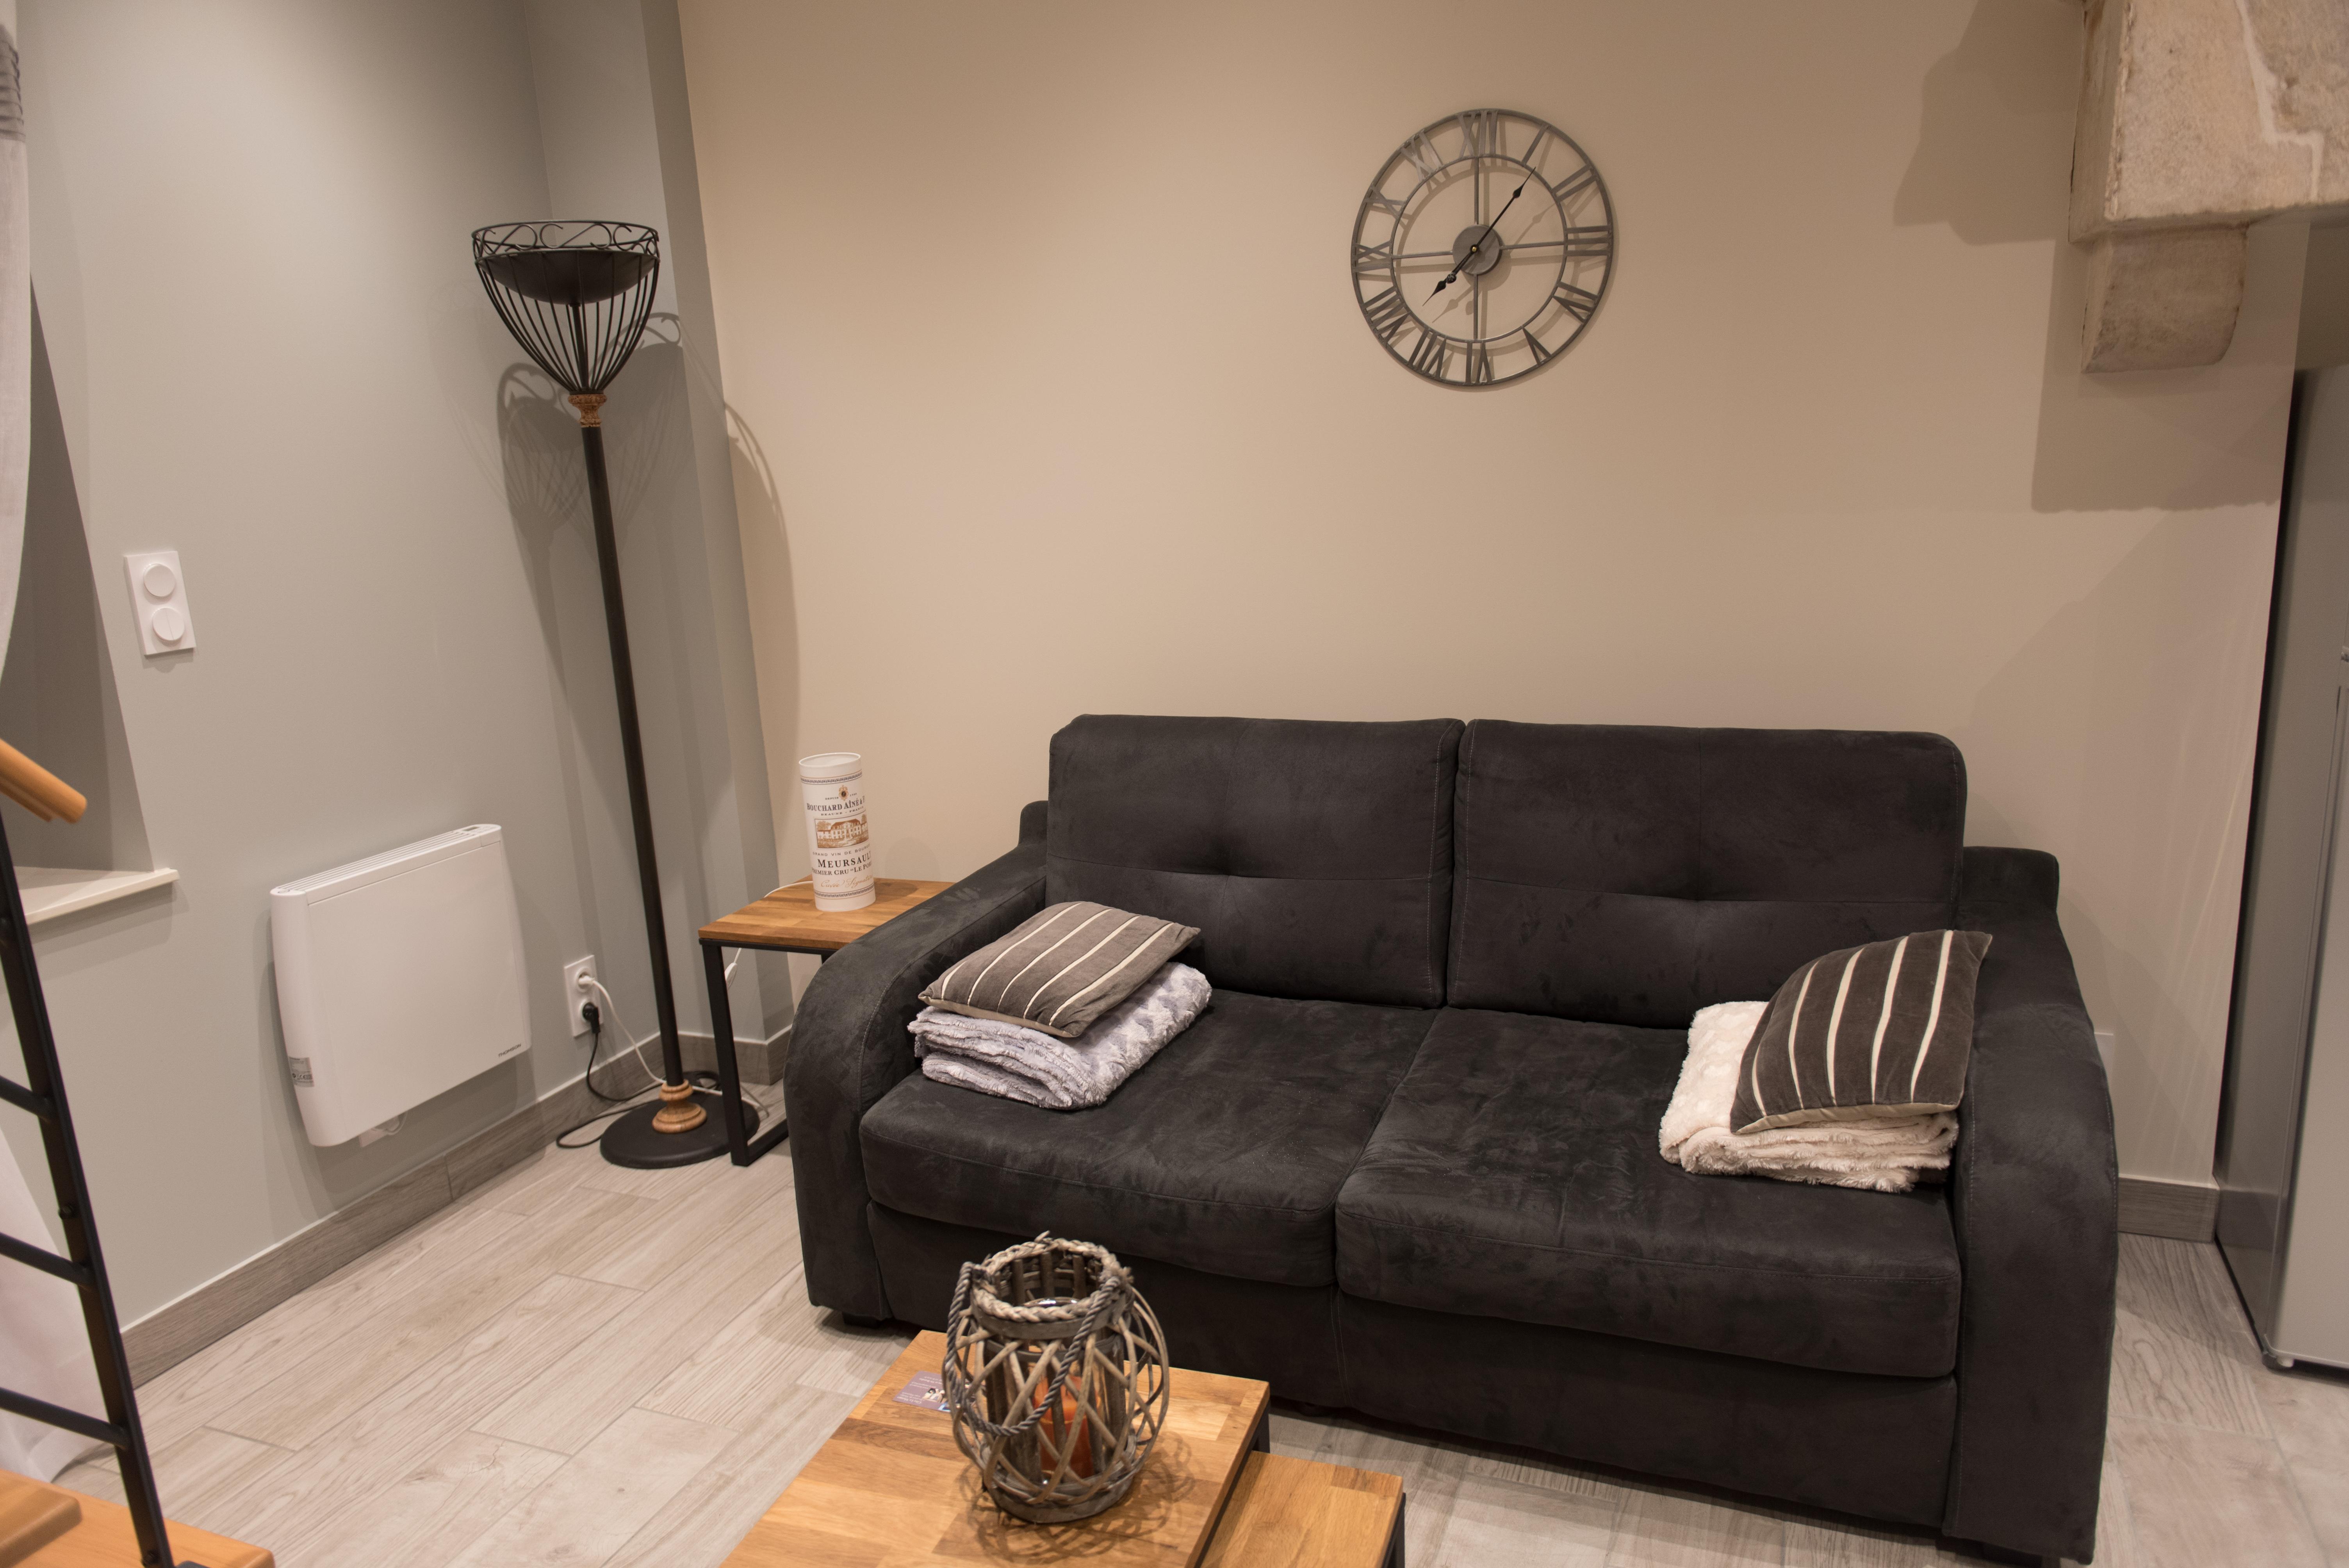 Télévision Table 4 chaises Table basse Meuble tv Canapé convertible 2 fauteuils Penderie et sa tablette de rangement 2 oreillers + couette